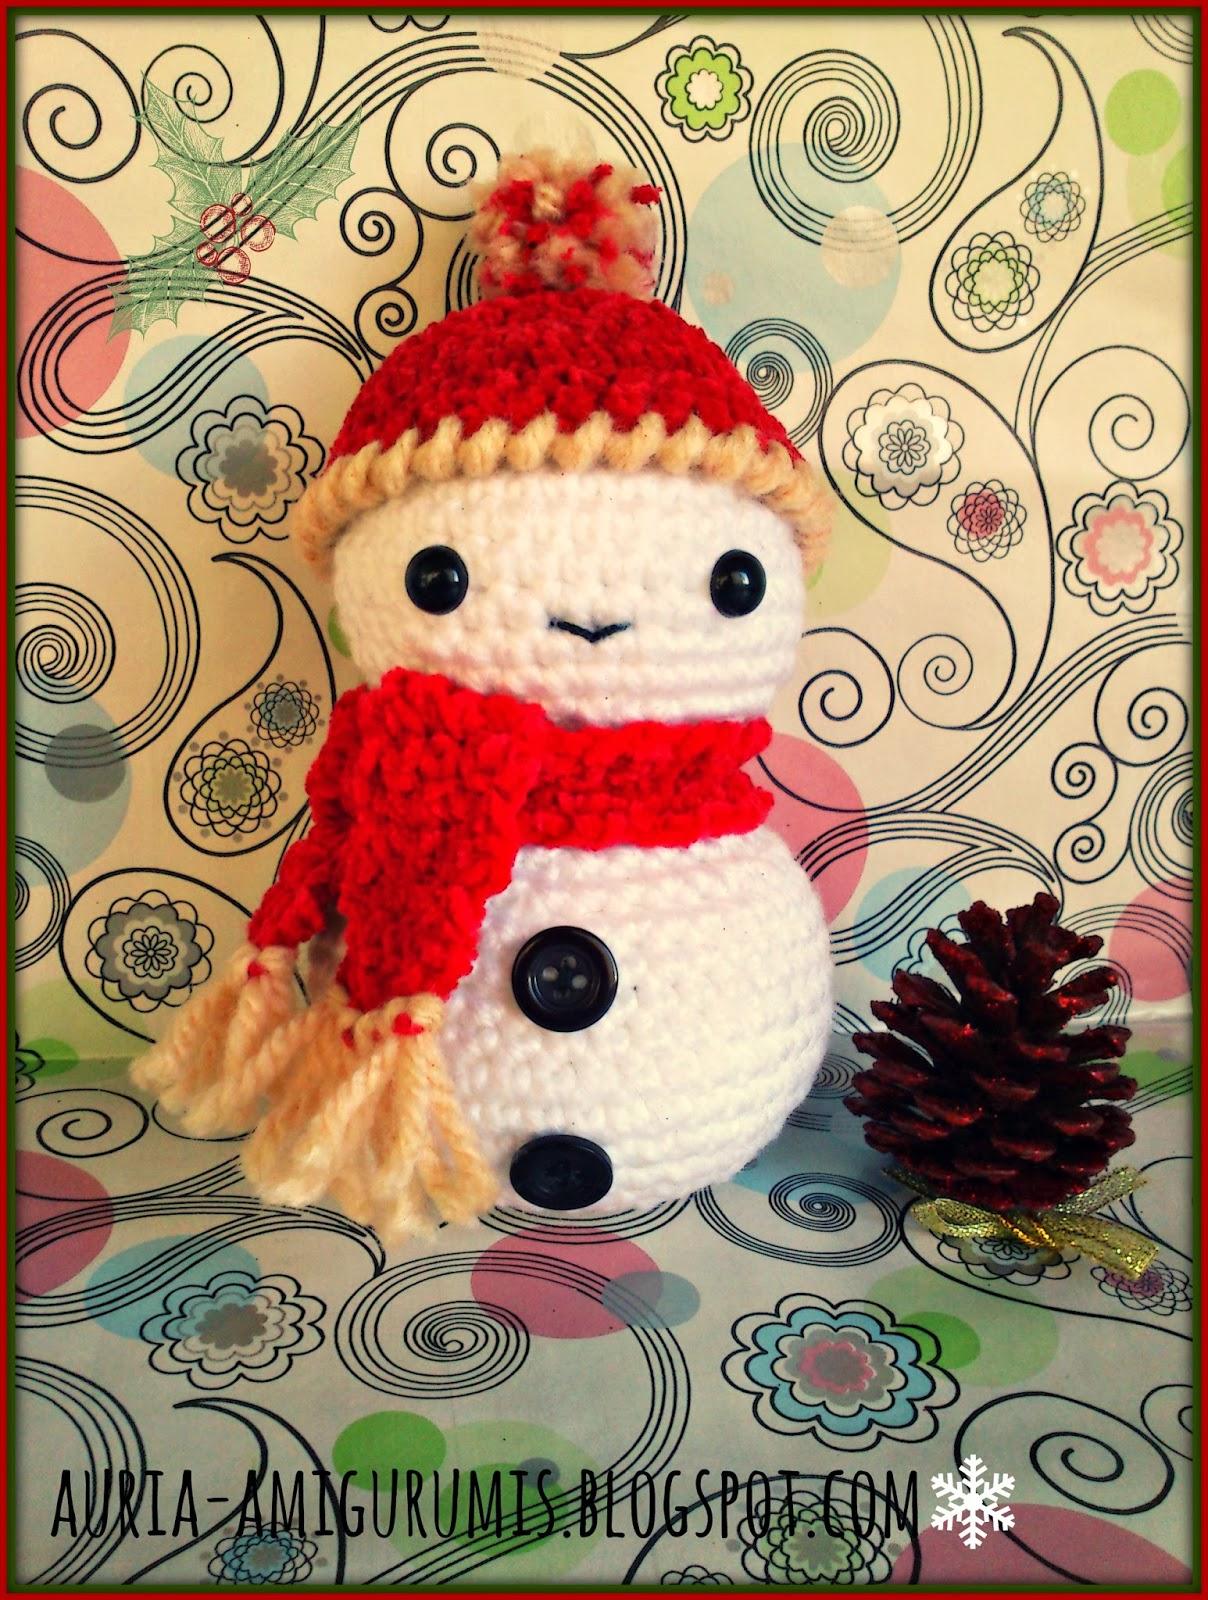 Muñeco de nieve. Ya esta aquí la Navidad!! | Auria Amigurumis